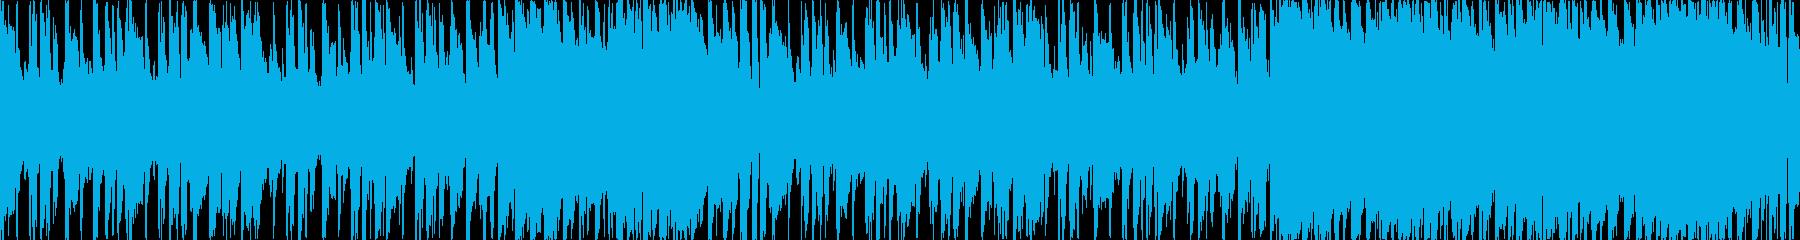 明るいギターポップループの再生済みの波形